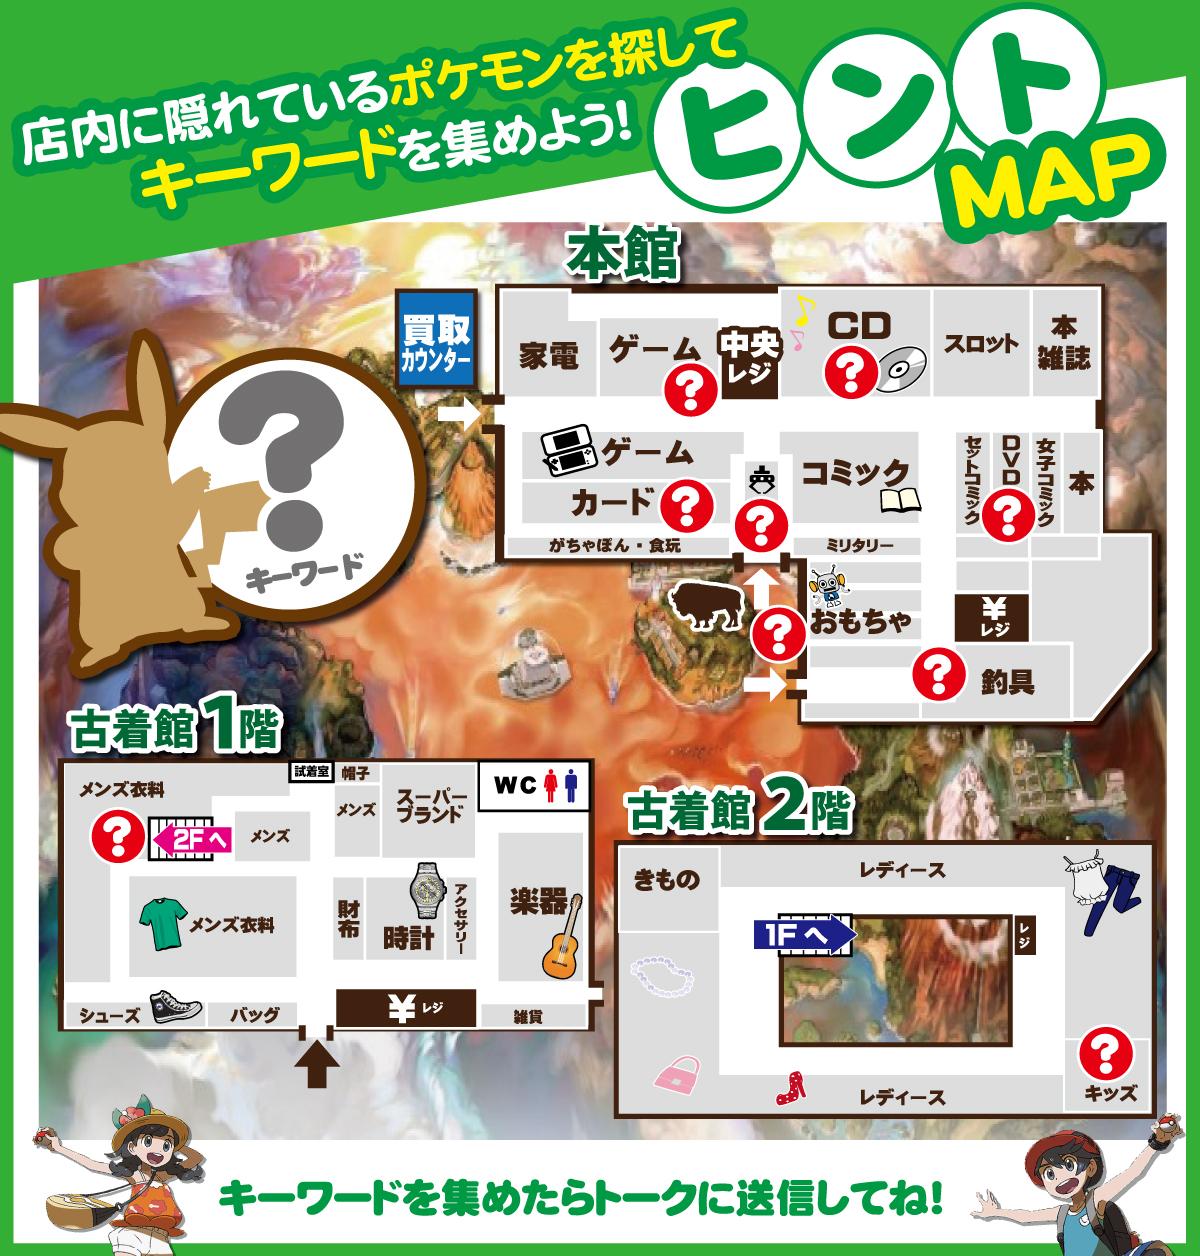 「開放倉庫山城店」ヒントMAP!パネルに書いてあるキーワードと番号をよーく確かめよう!!